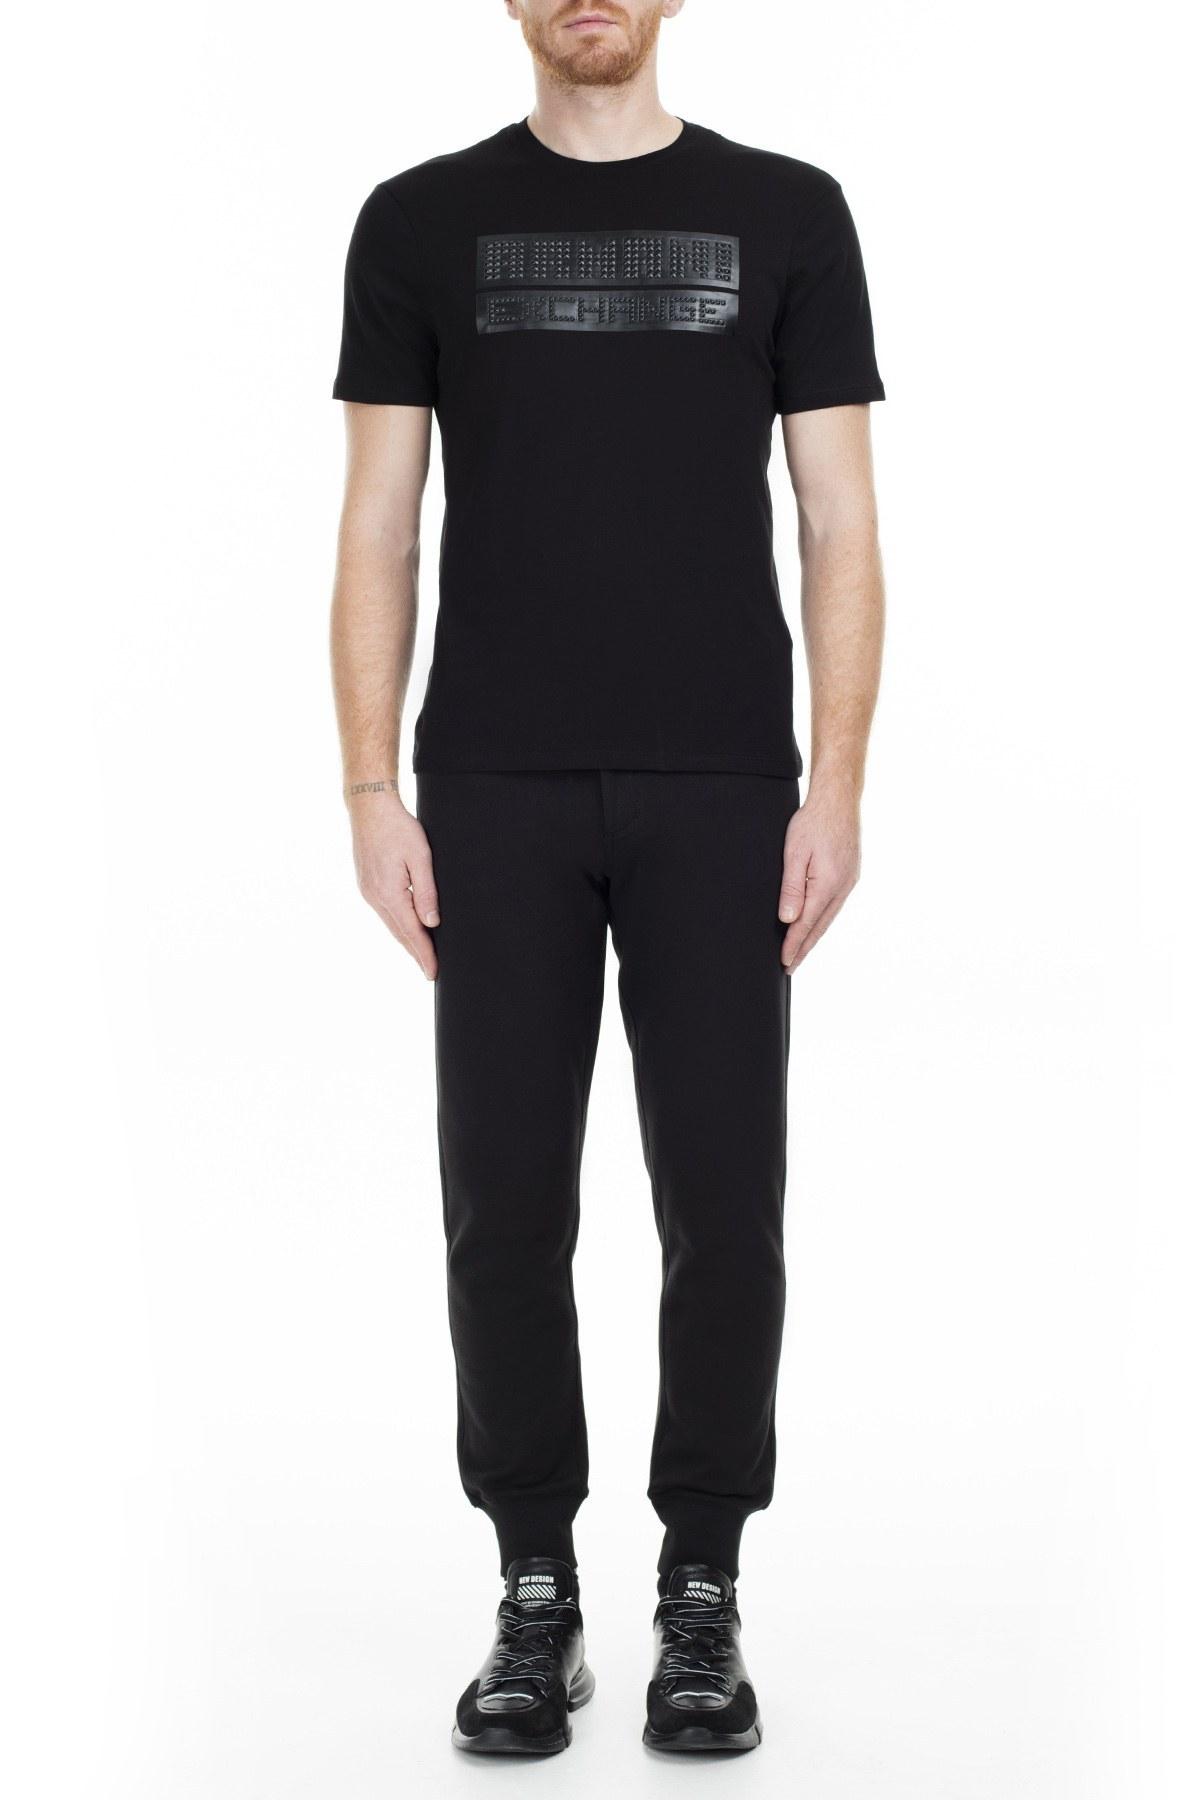 Armani Exchange Erkek T Shirt 6GZTES ZJH4Z 1200 SİYAH